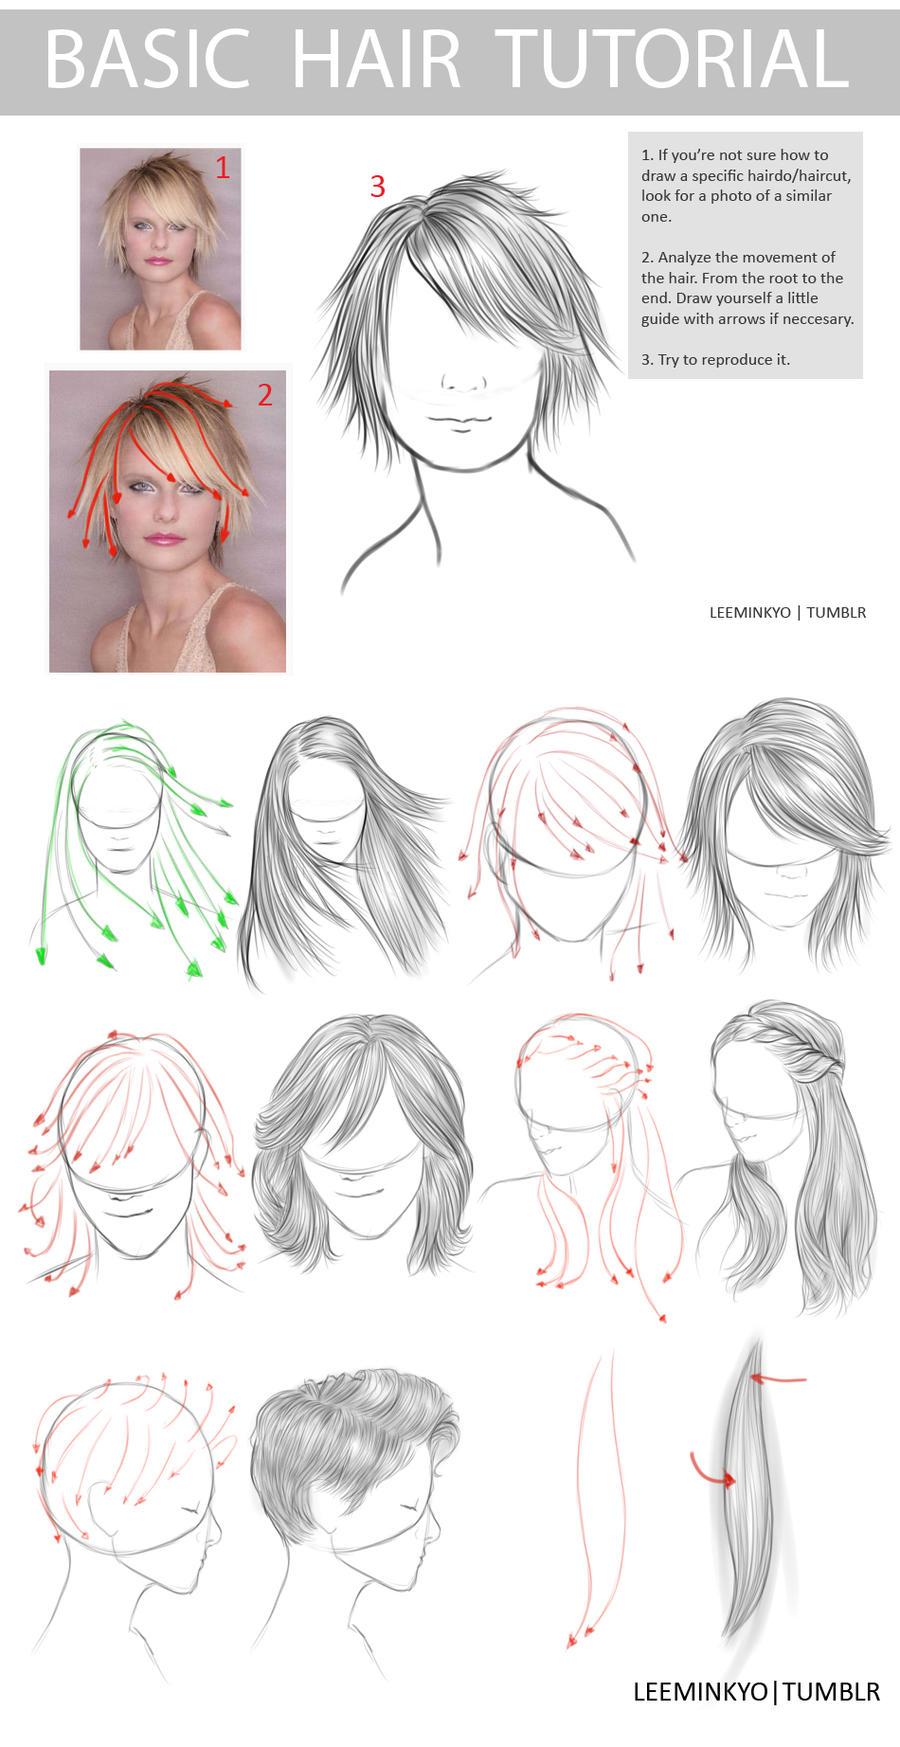 Scribble Drawing Tutorial : Basic hair tutorial styles by leeminkyo on deviantart